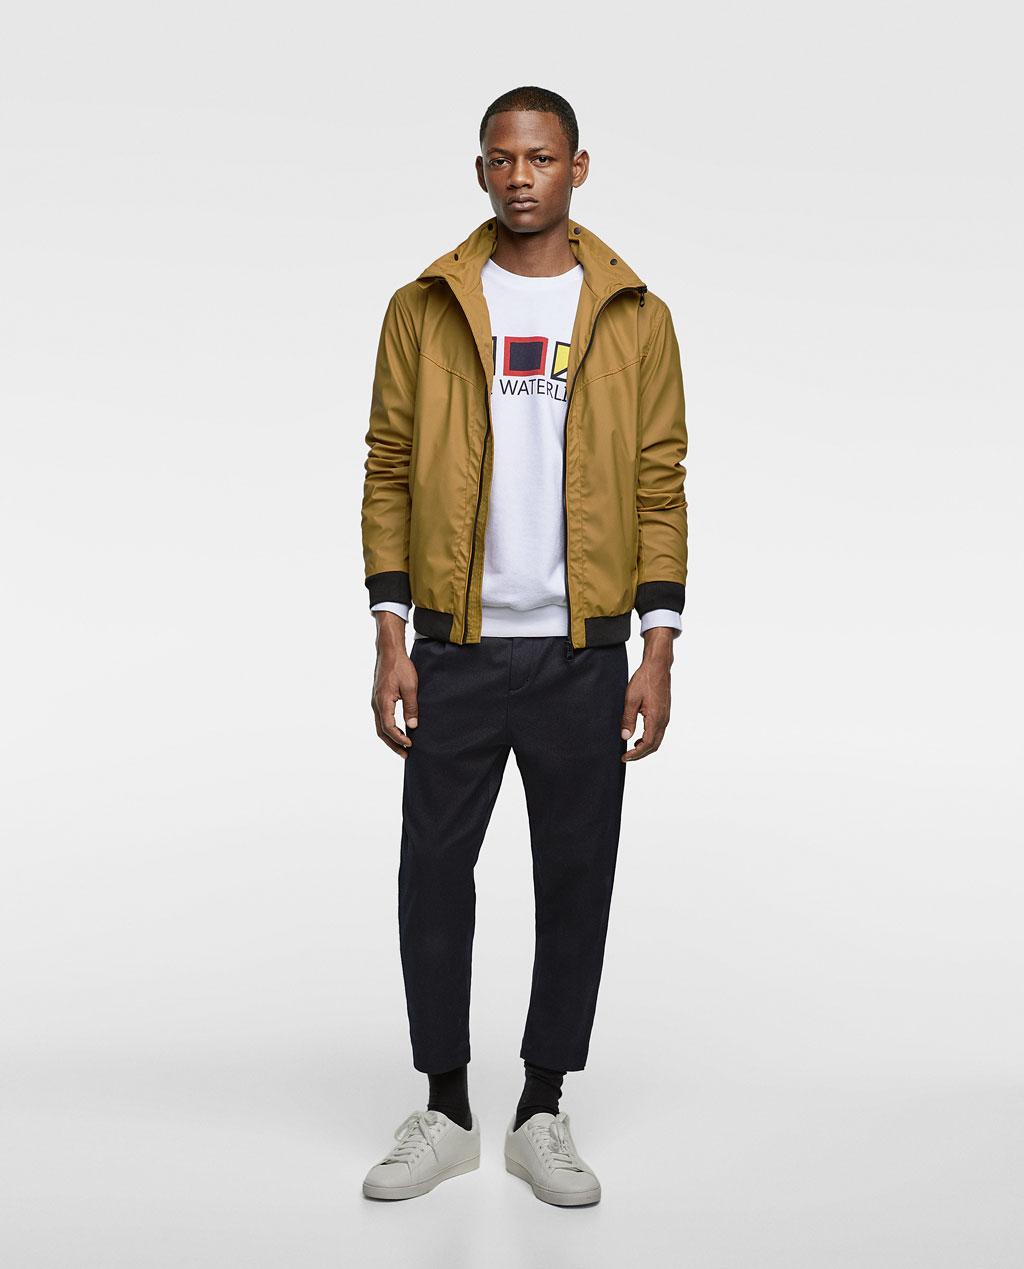 Thời trang nam Zara  23920 - ảnh 3